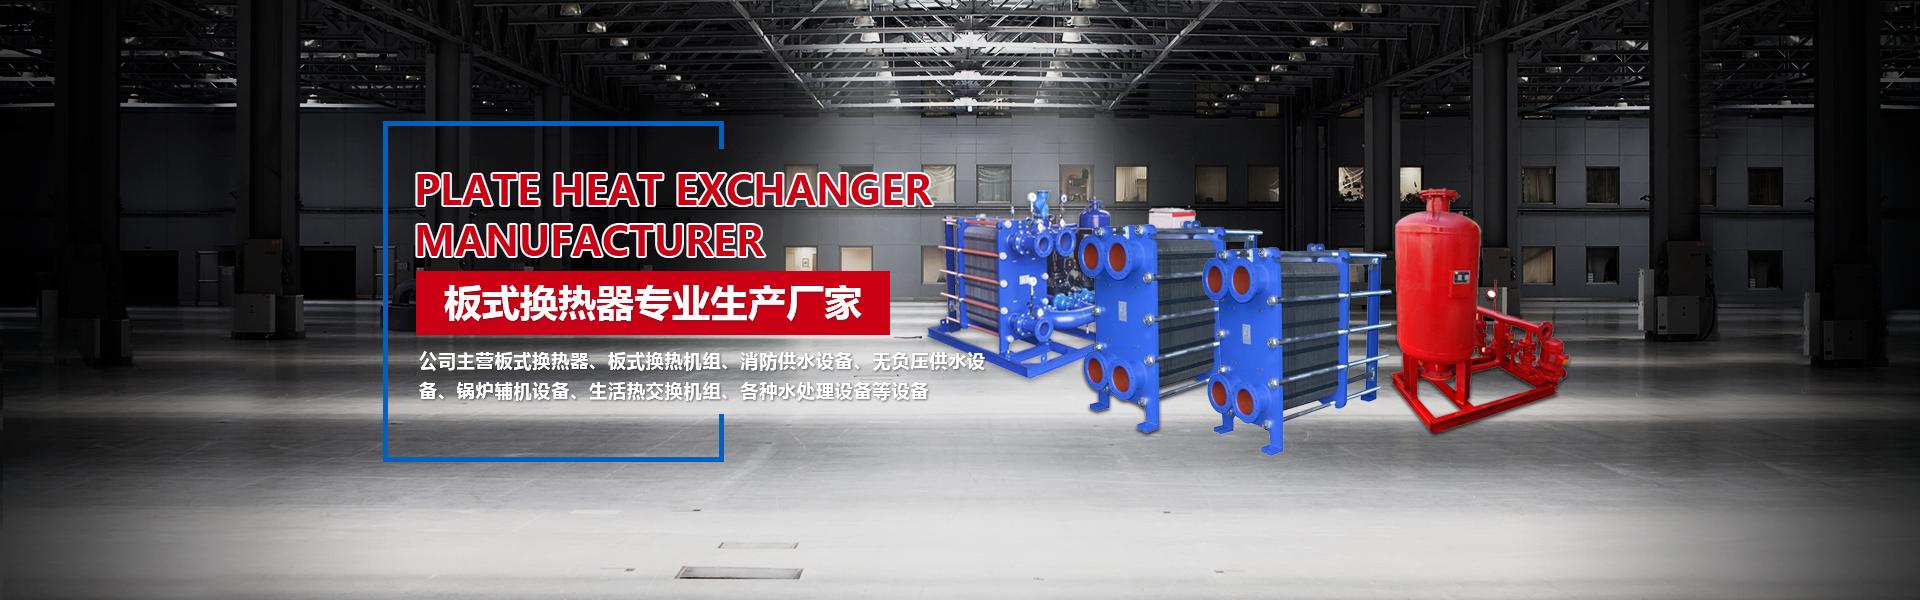 济南板式换热器厂家